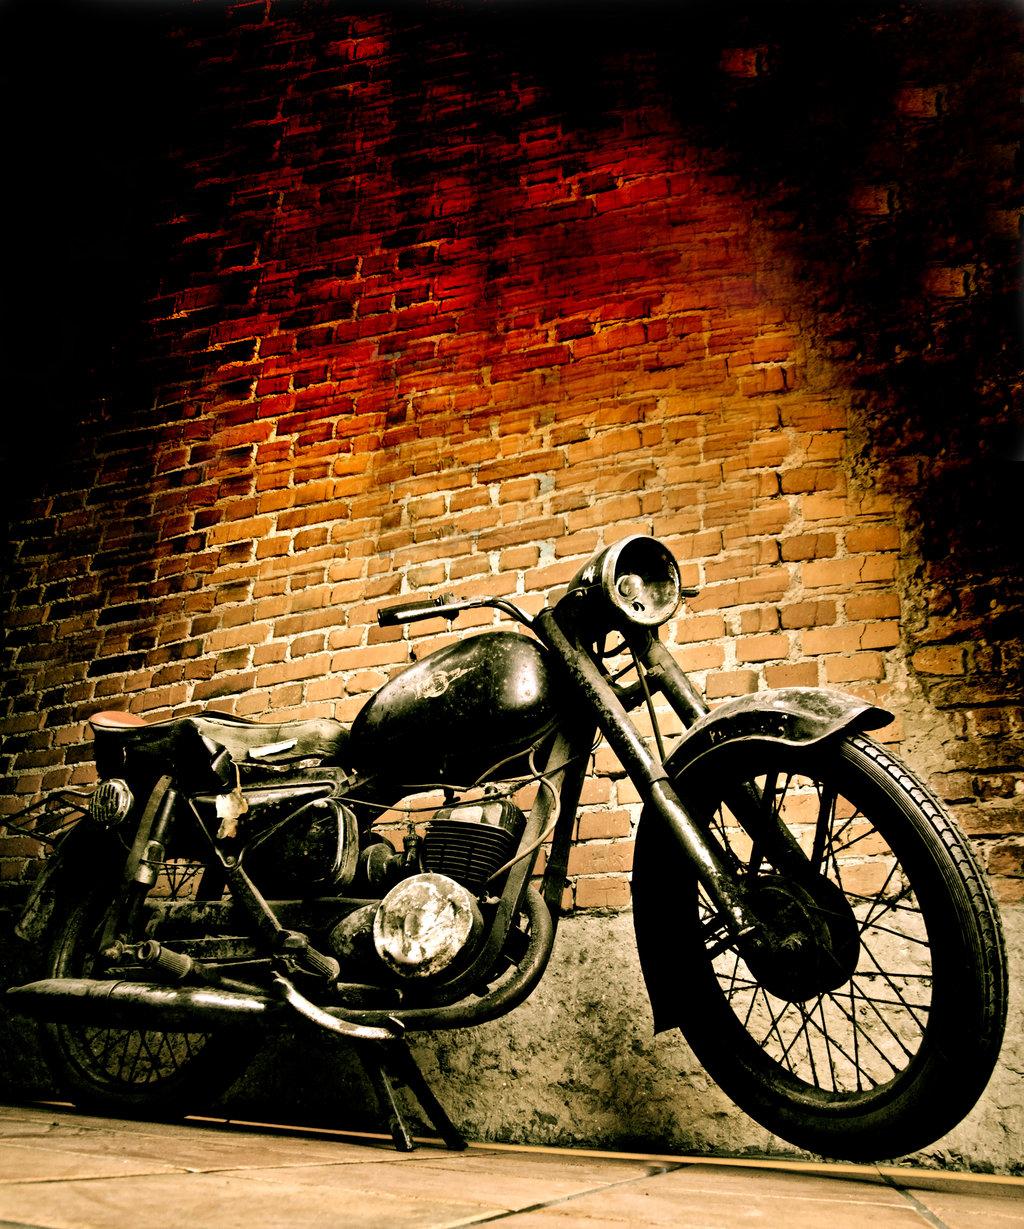 http://2.bp.blogspot.com/_KljvhAx7-hI/S9X0sb0VAHI/AAAAAAAAB6I/16WmU9PR4nE/s1600/Old_motorcycle_vertical_by_turlu.jpg